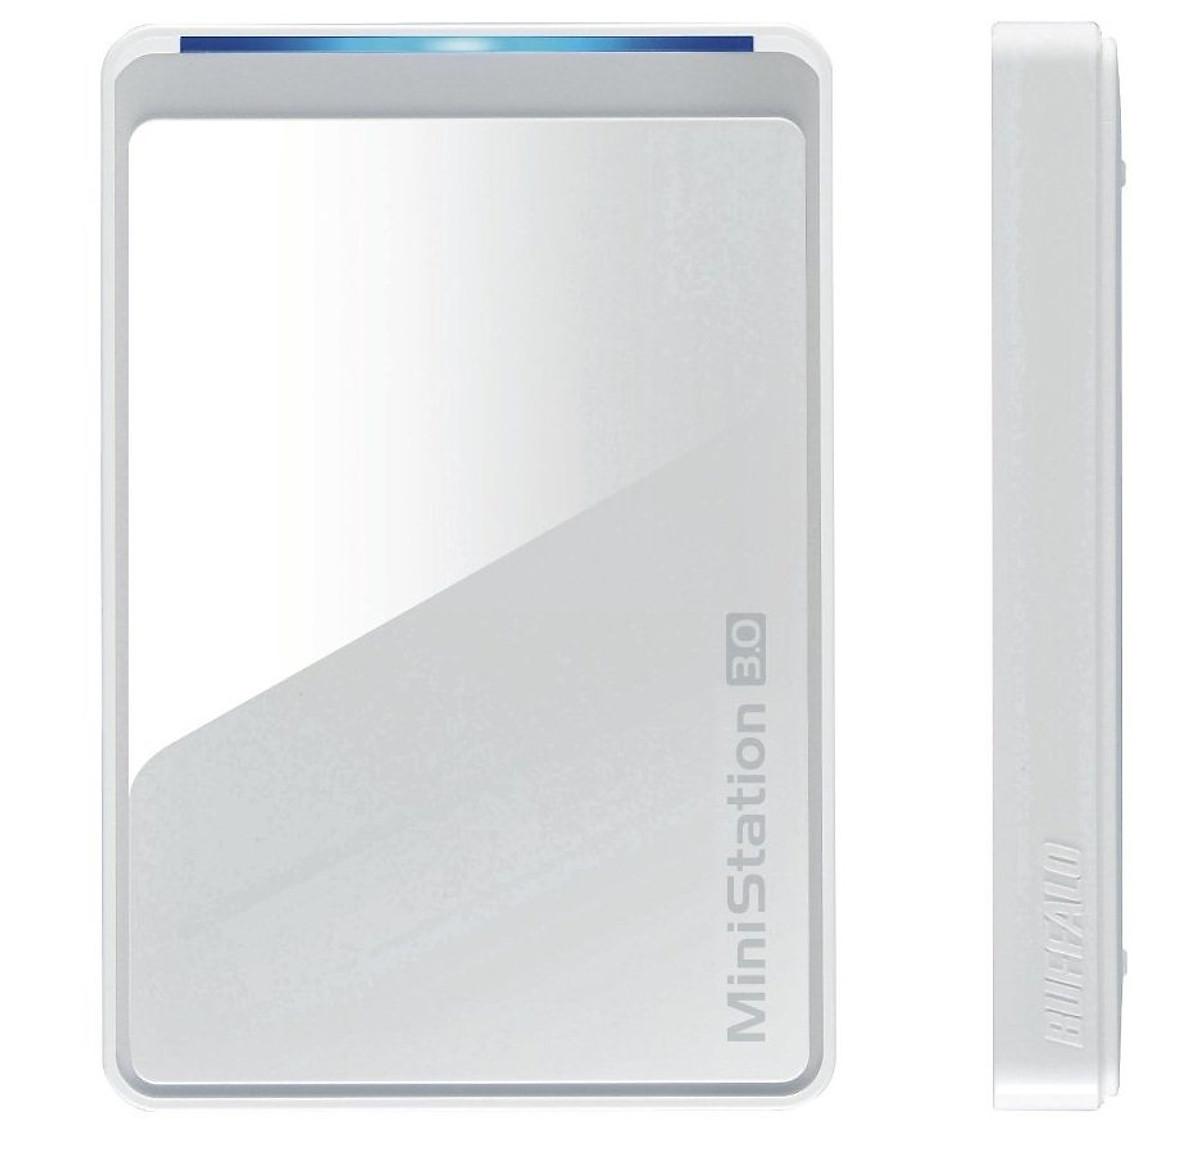 Ổ Cứng Di Động Buffalo MiniStation Pocket USB 3.0 – 1TB – Hàng Chính Hãng